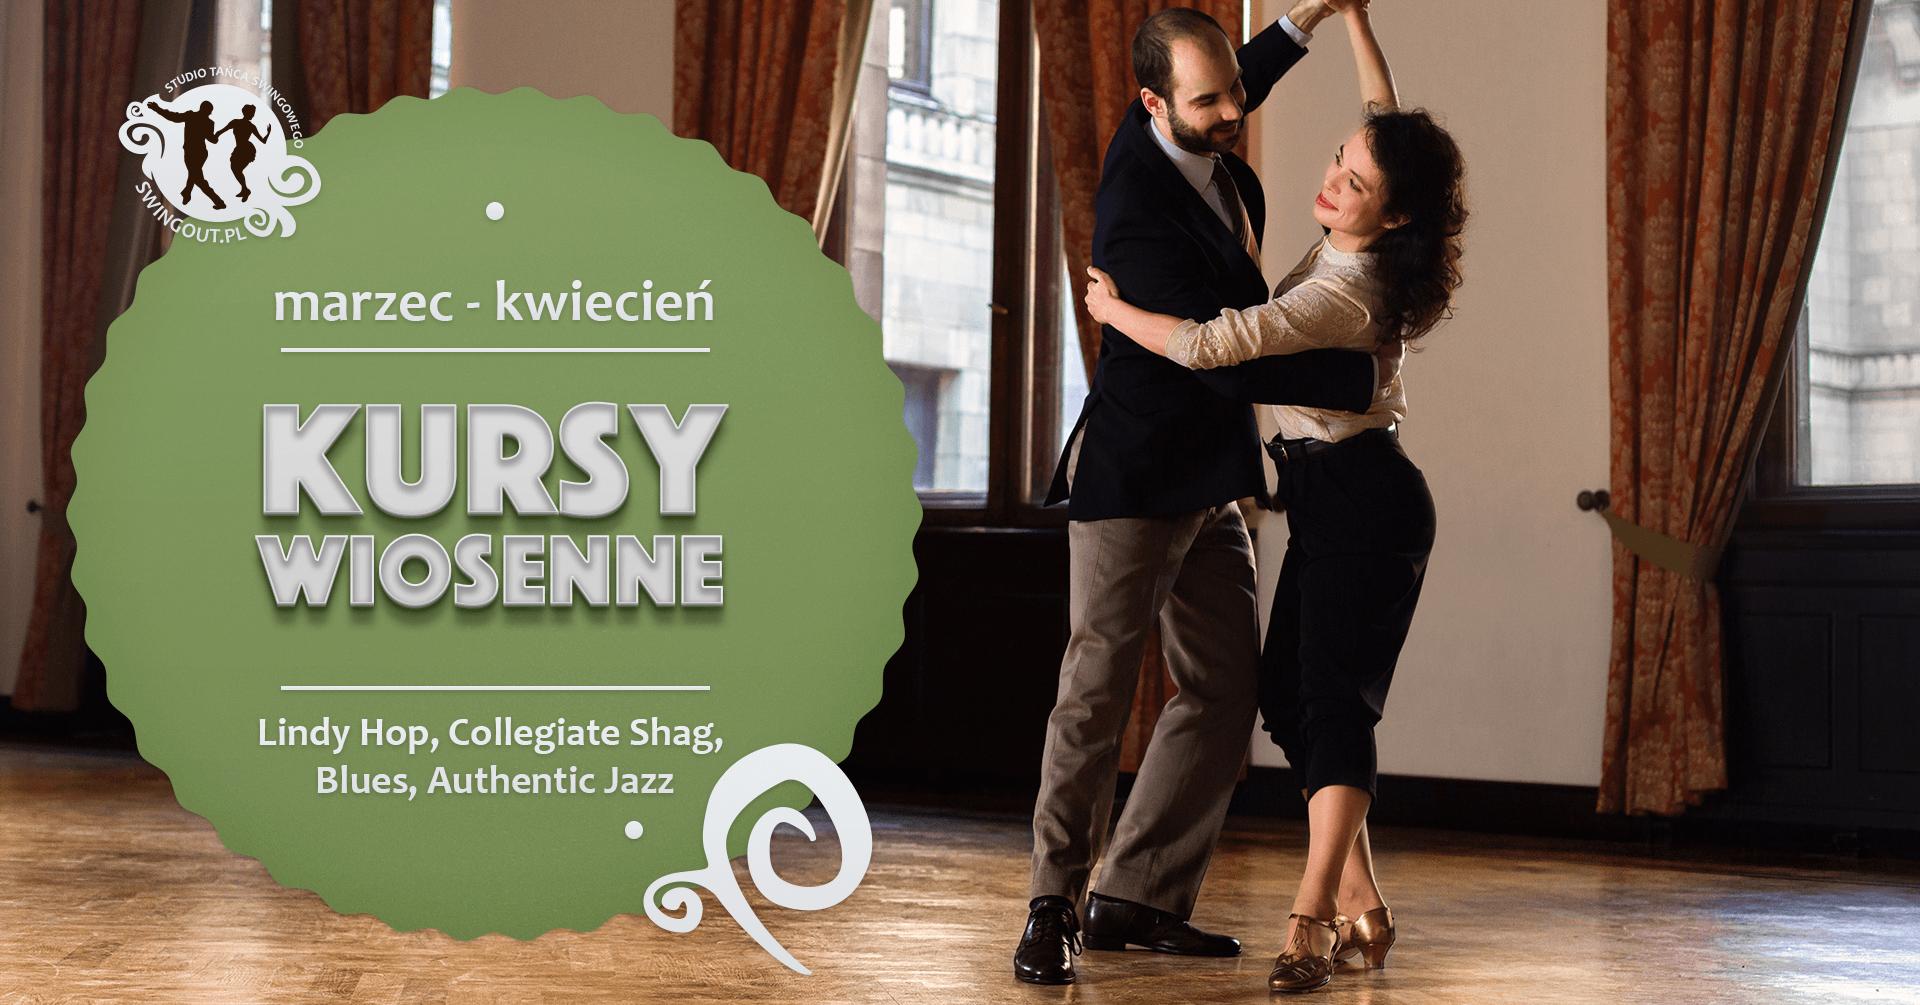 Kursy Lindy Hop, Collegiate Shag, Bluesa i Authentic Jazz w Warszawie